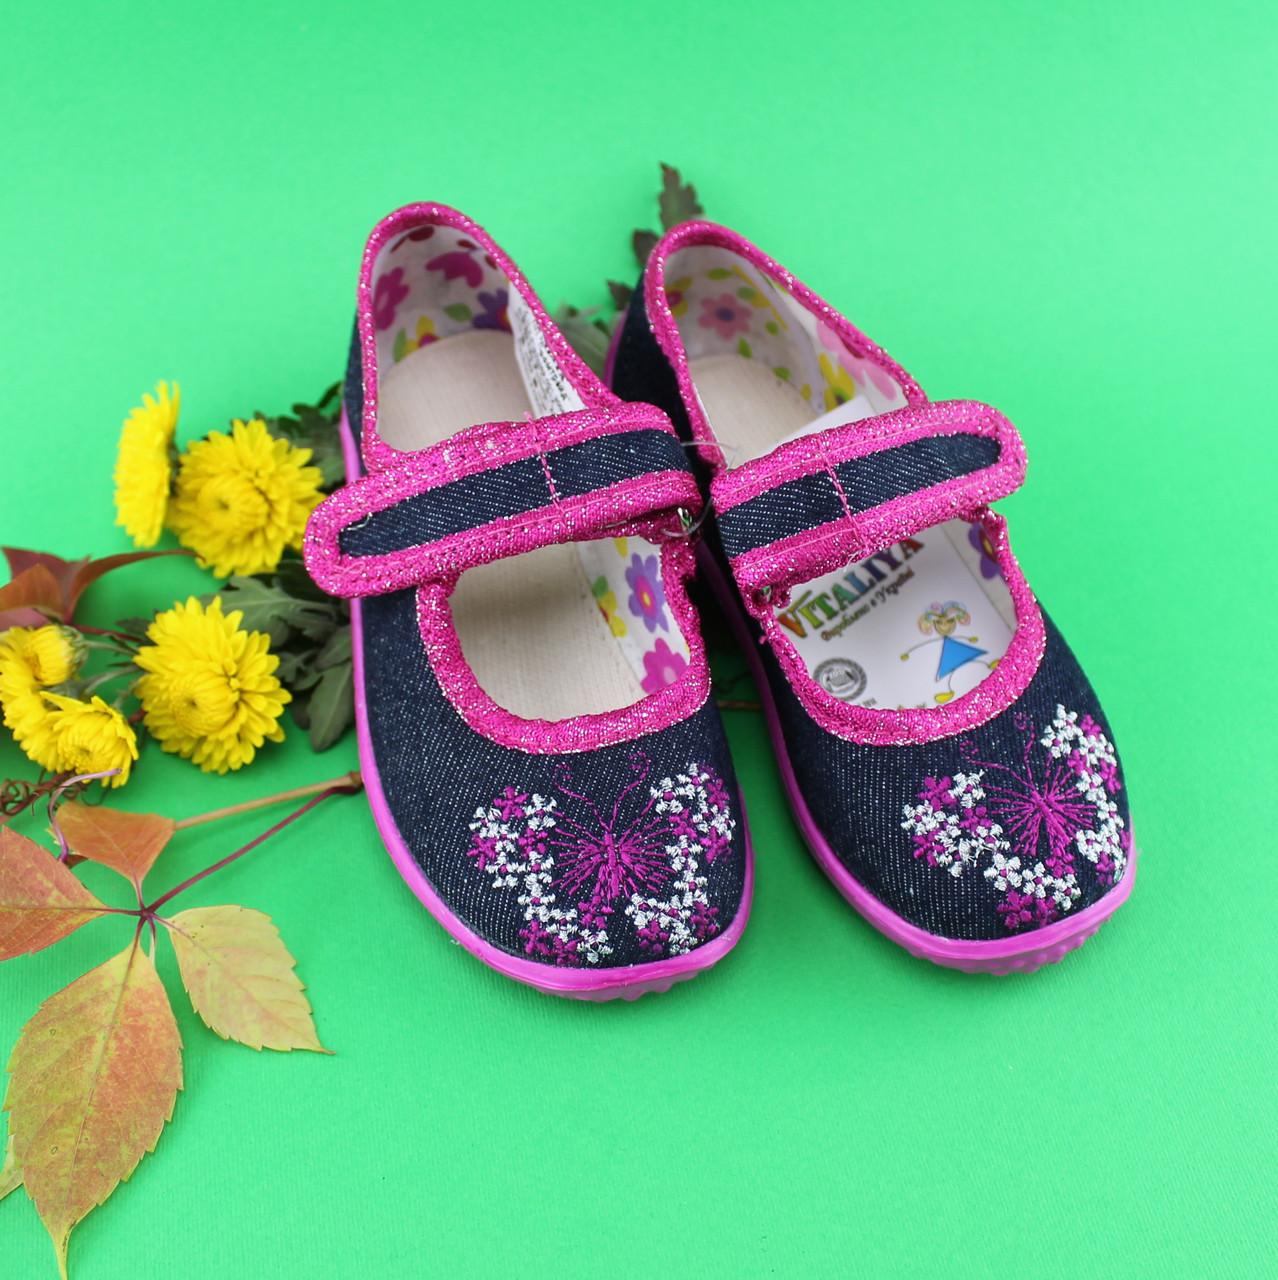 Тапочки в садик на девочку мальчик текстильная обувь Vitaliya Виталия Украина размеры с 23 по 27